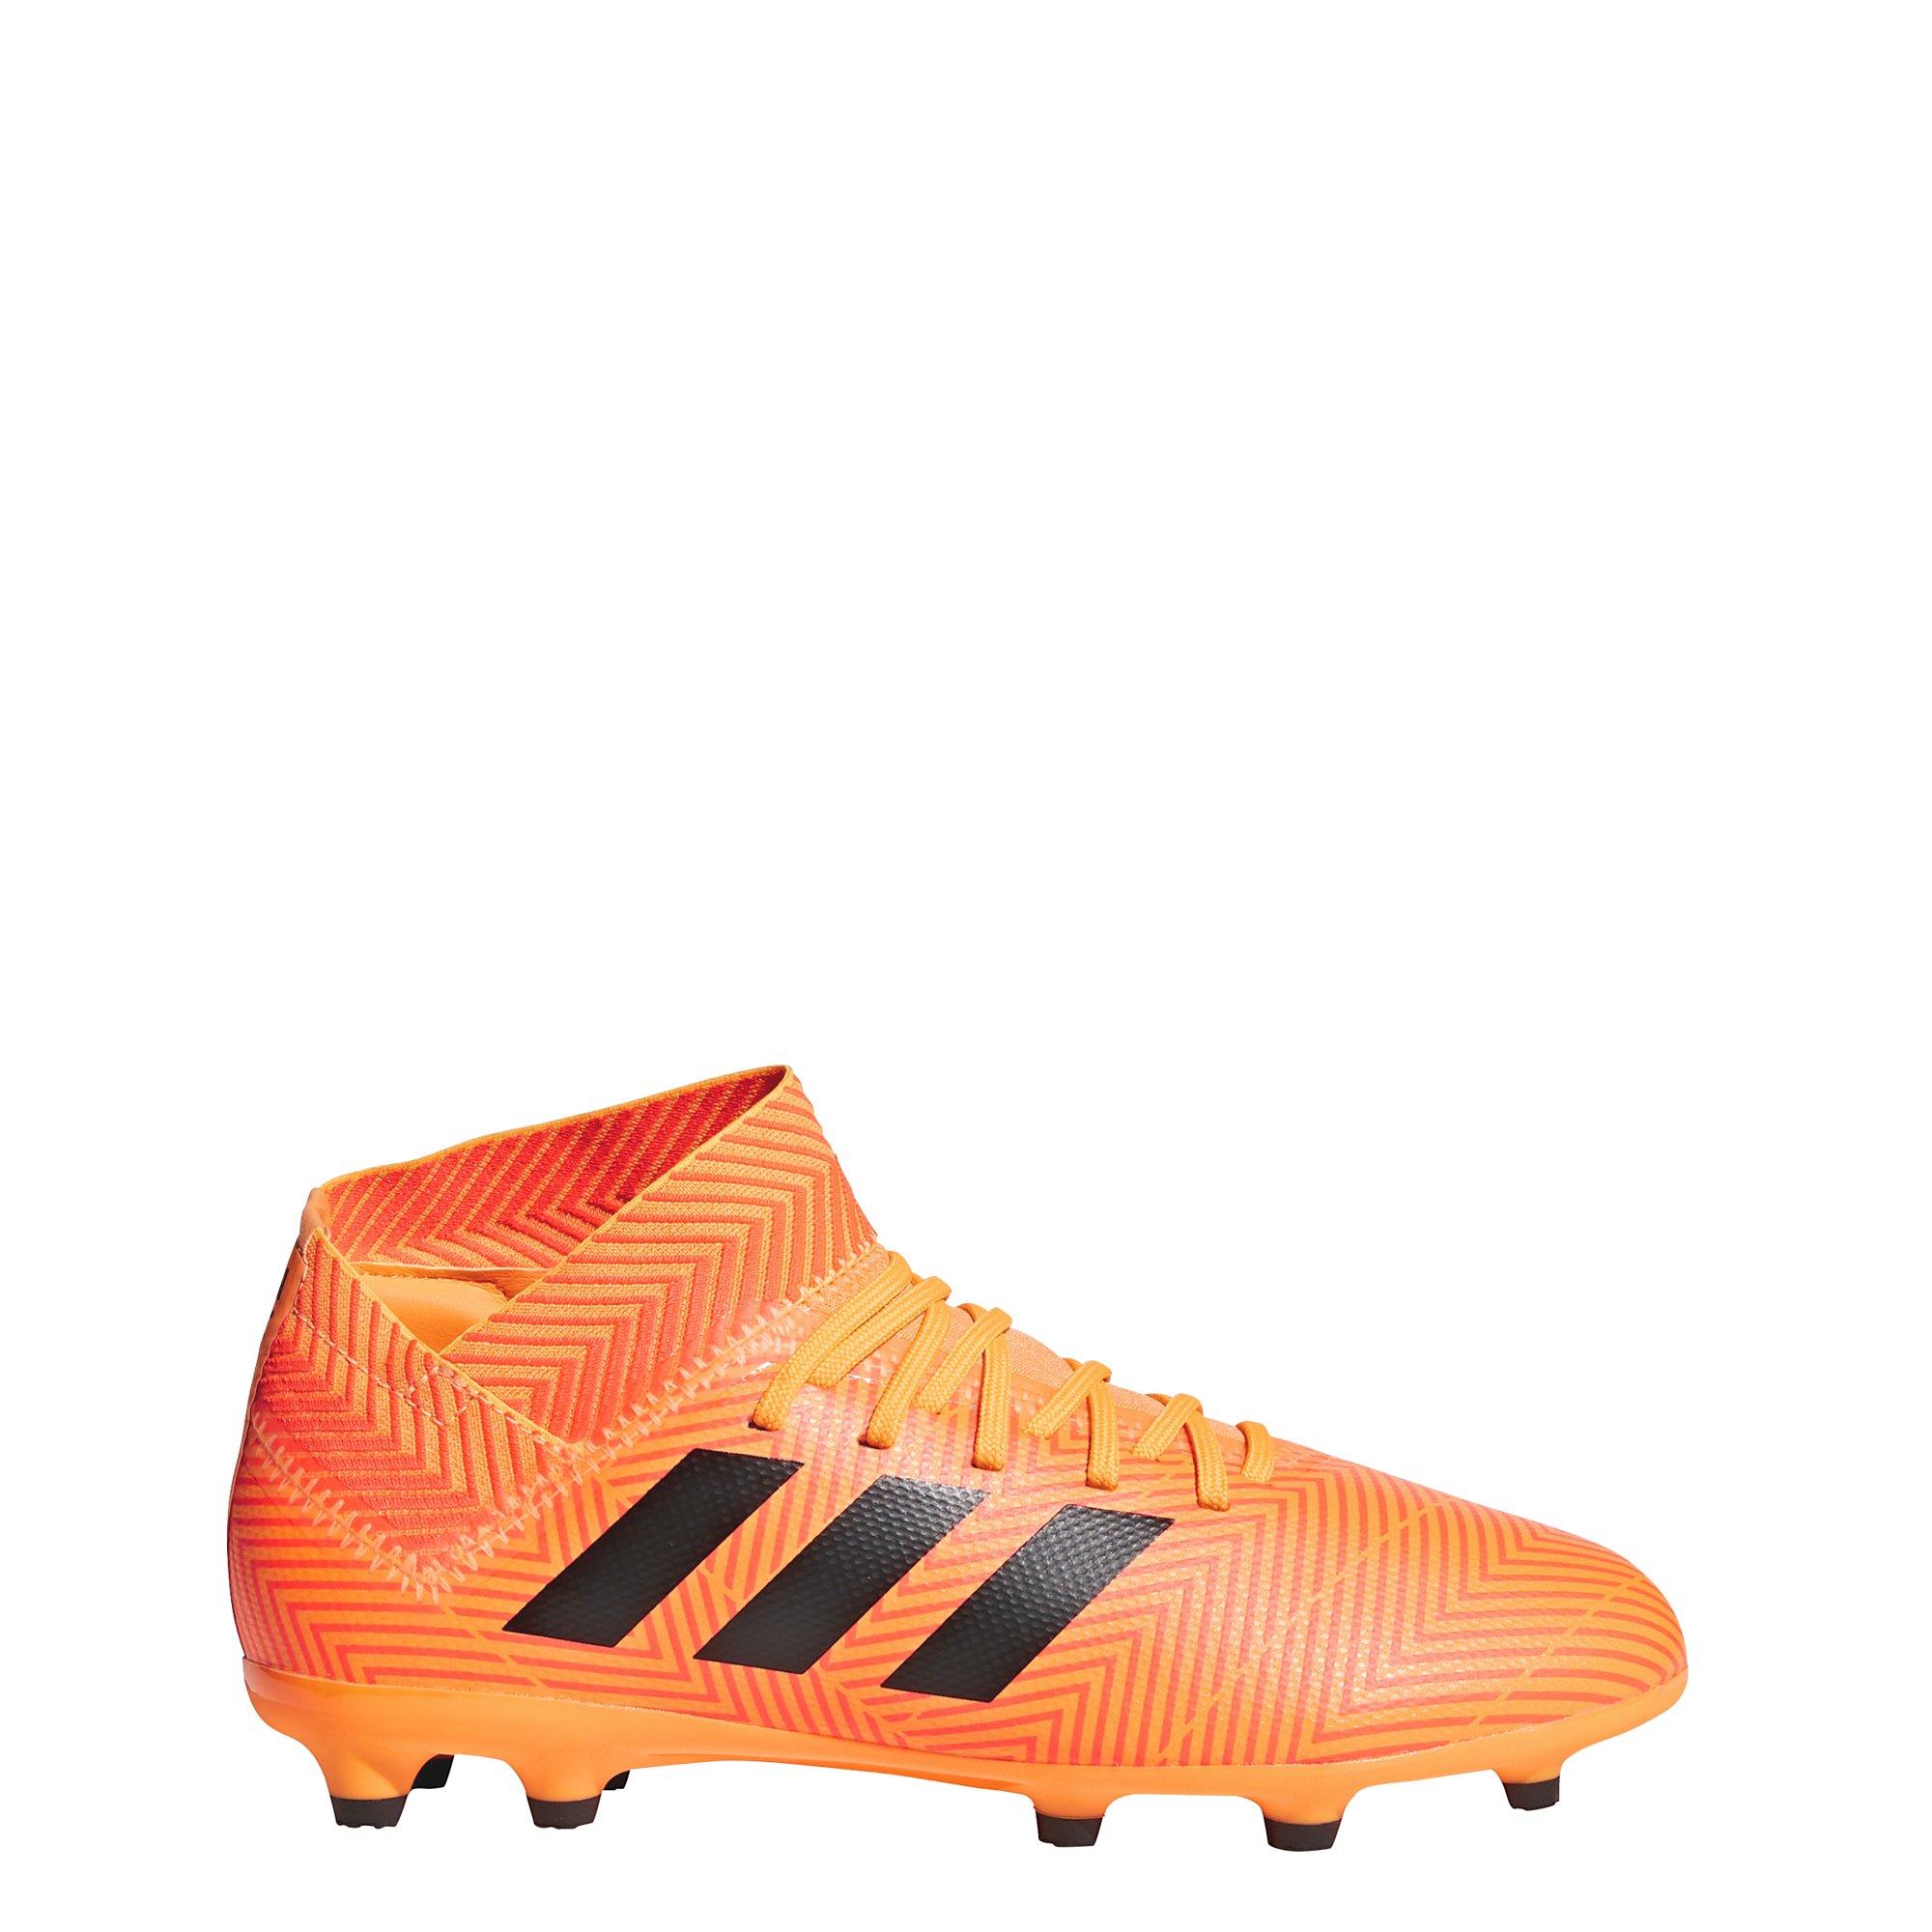 adidas Unisex-Kids Nemeziz 18.3 FG J Soccer Shoe, Zest/Core Black/Solar Red, 3 M US Big Kid